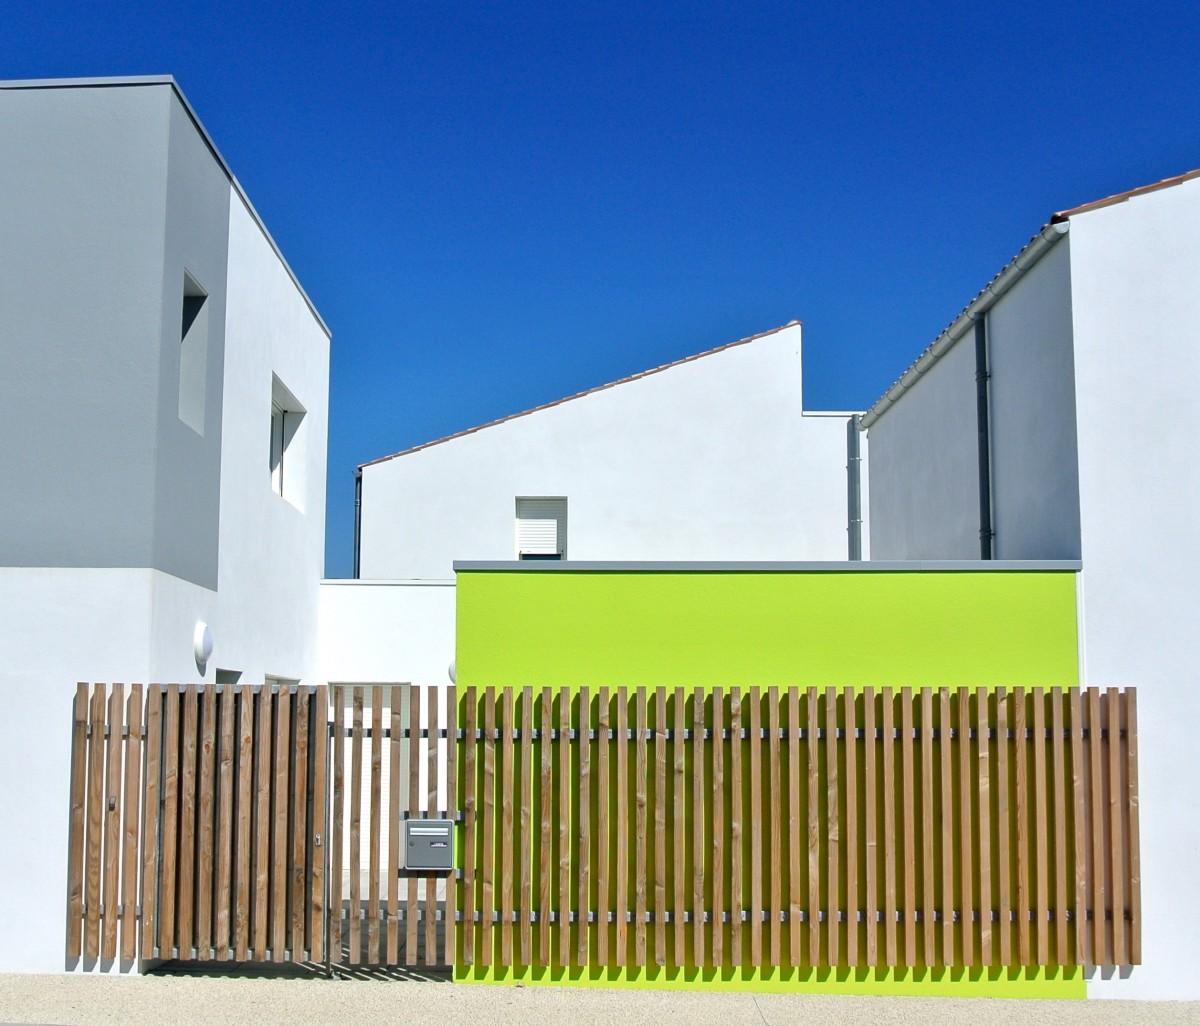 Logements cl chantier architecte la rochelle for Chantier architecte